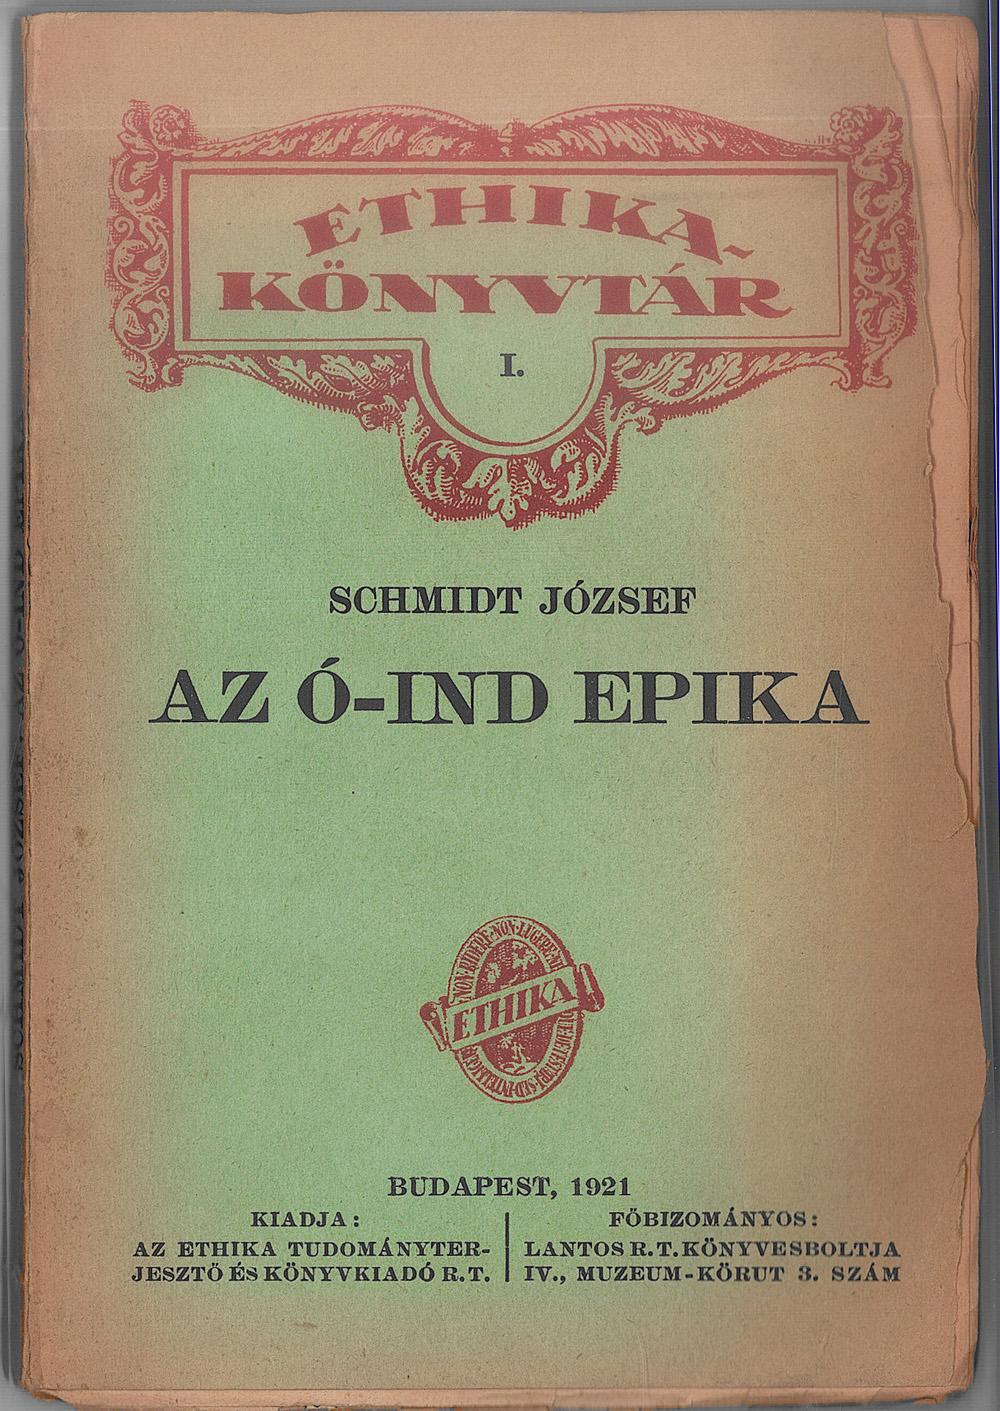 Schmidt József műfordításkötetei